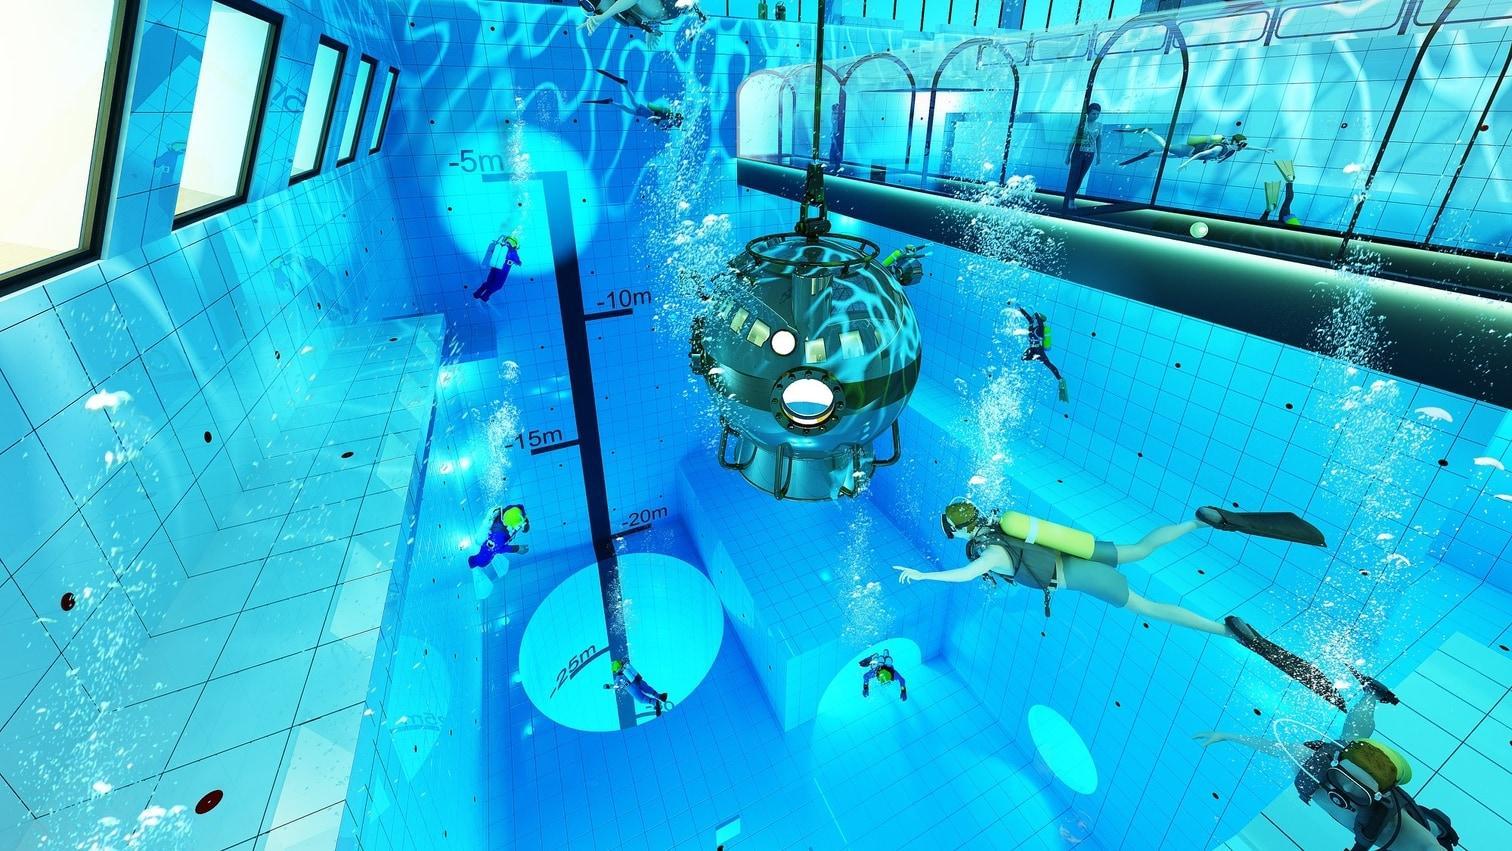 <p>40 Kilometer südwestlich von Polens Hauptstadt Warschau wird ein ganz besonderes Schwimmbecken gebaut.</p> Foto: Deepspot